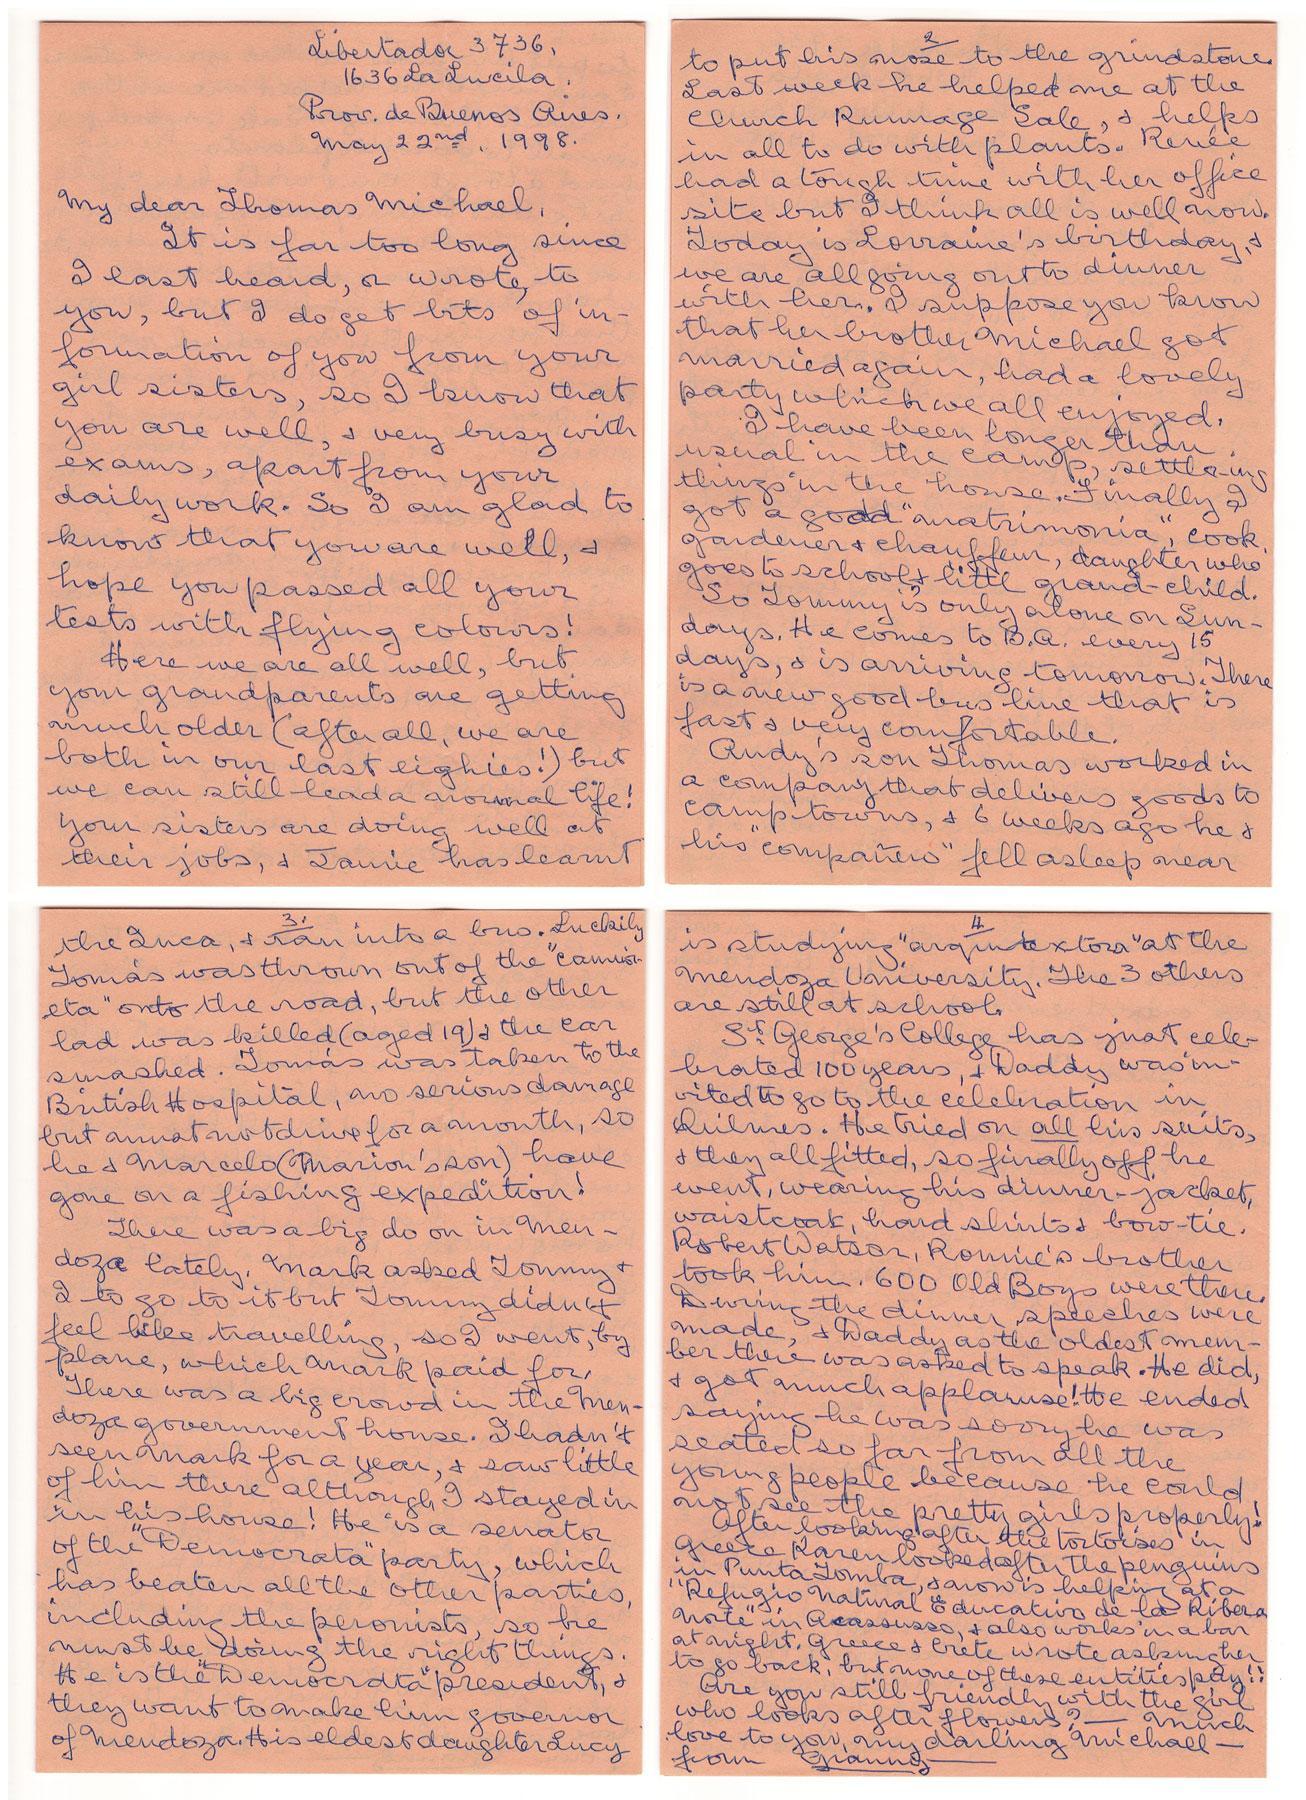 Poppy-Letter-May-22-1998.jpg